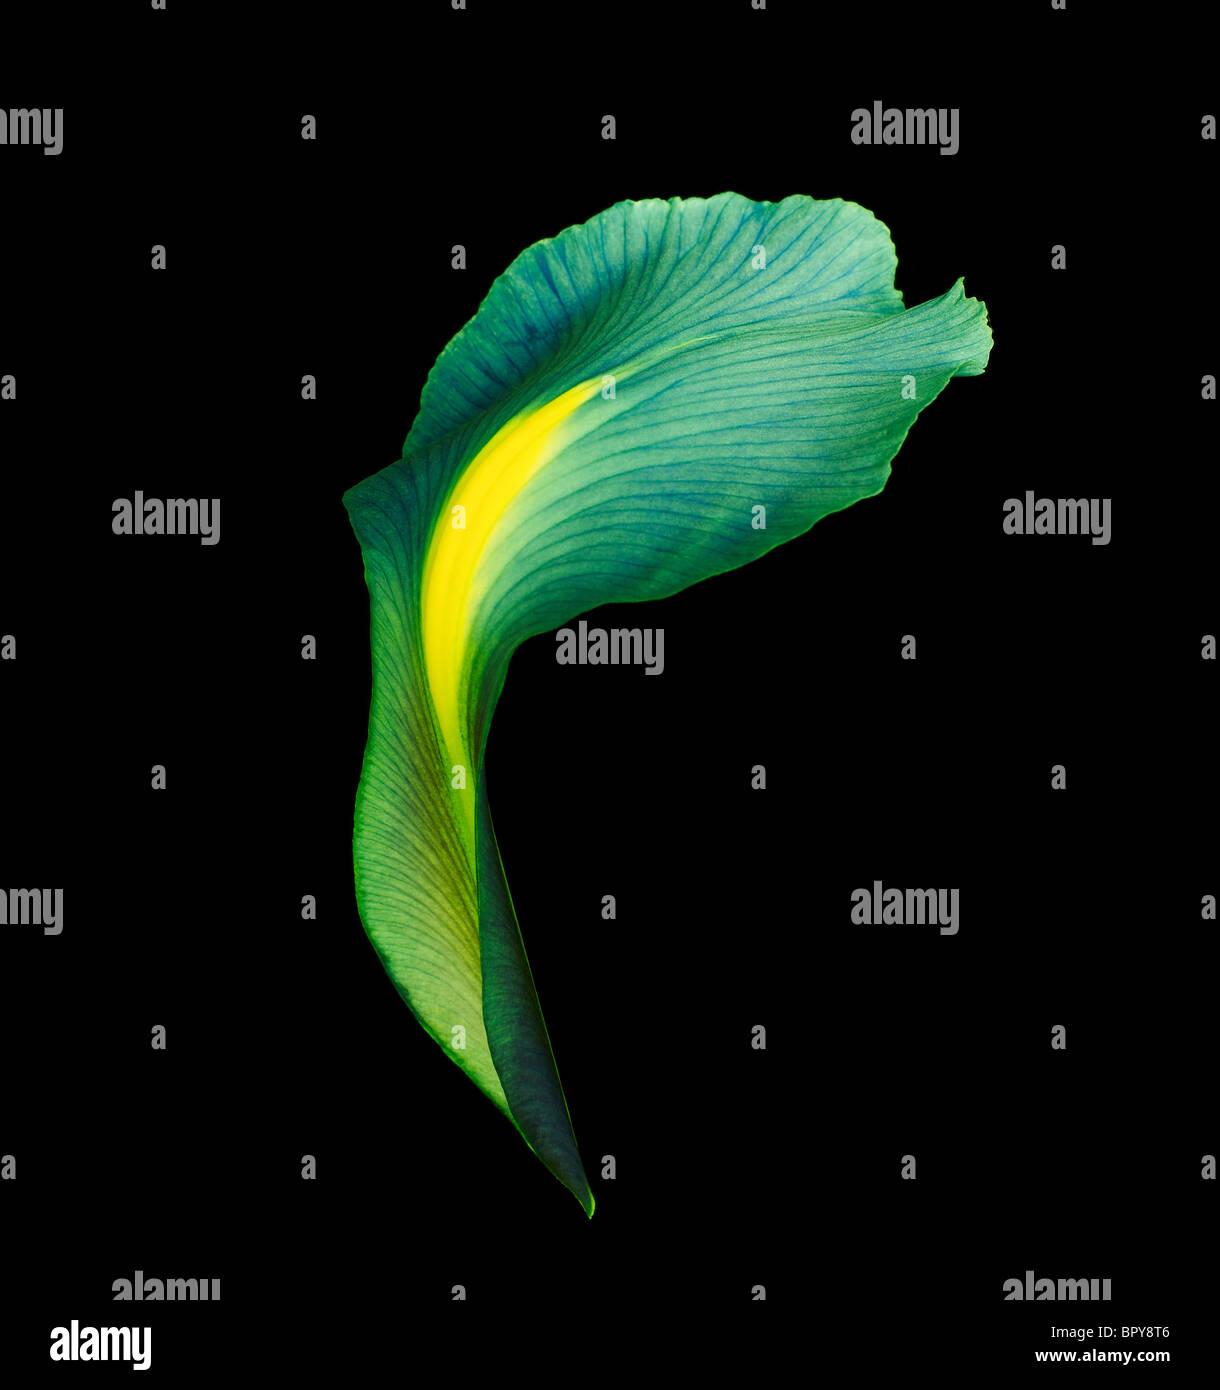 Un pétale d'Iris allumé de façon spectaculaire et tourné sur un fond noir Photo Stock